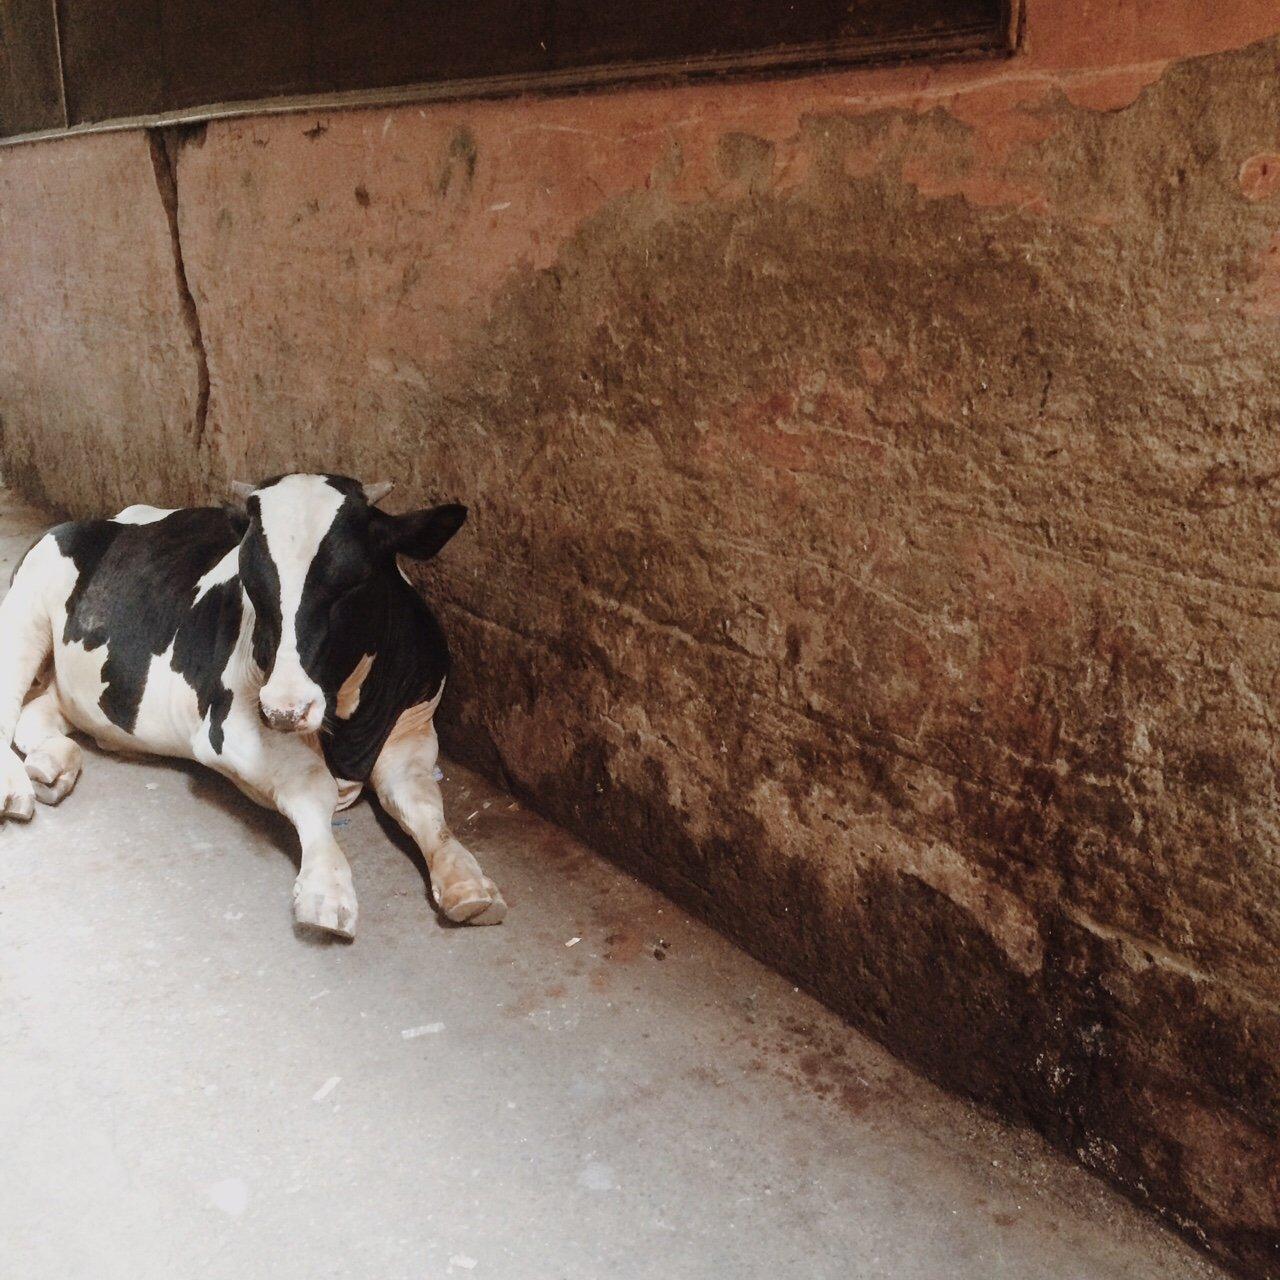 Cow in Delhi